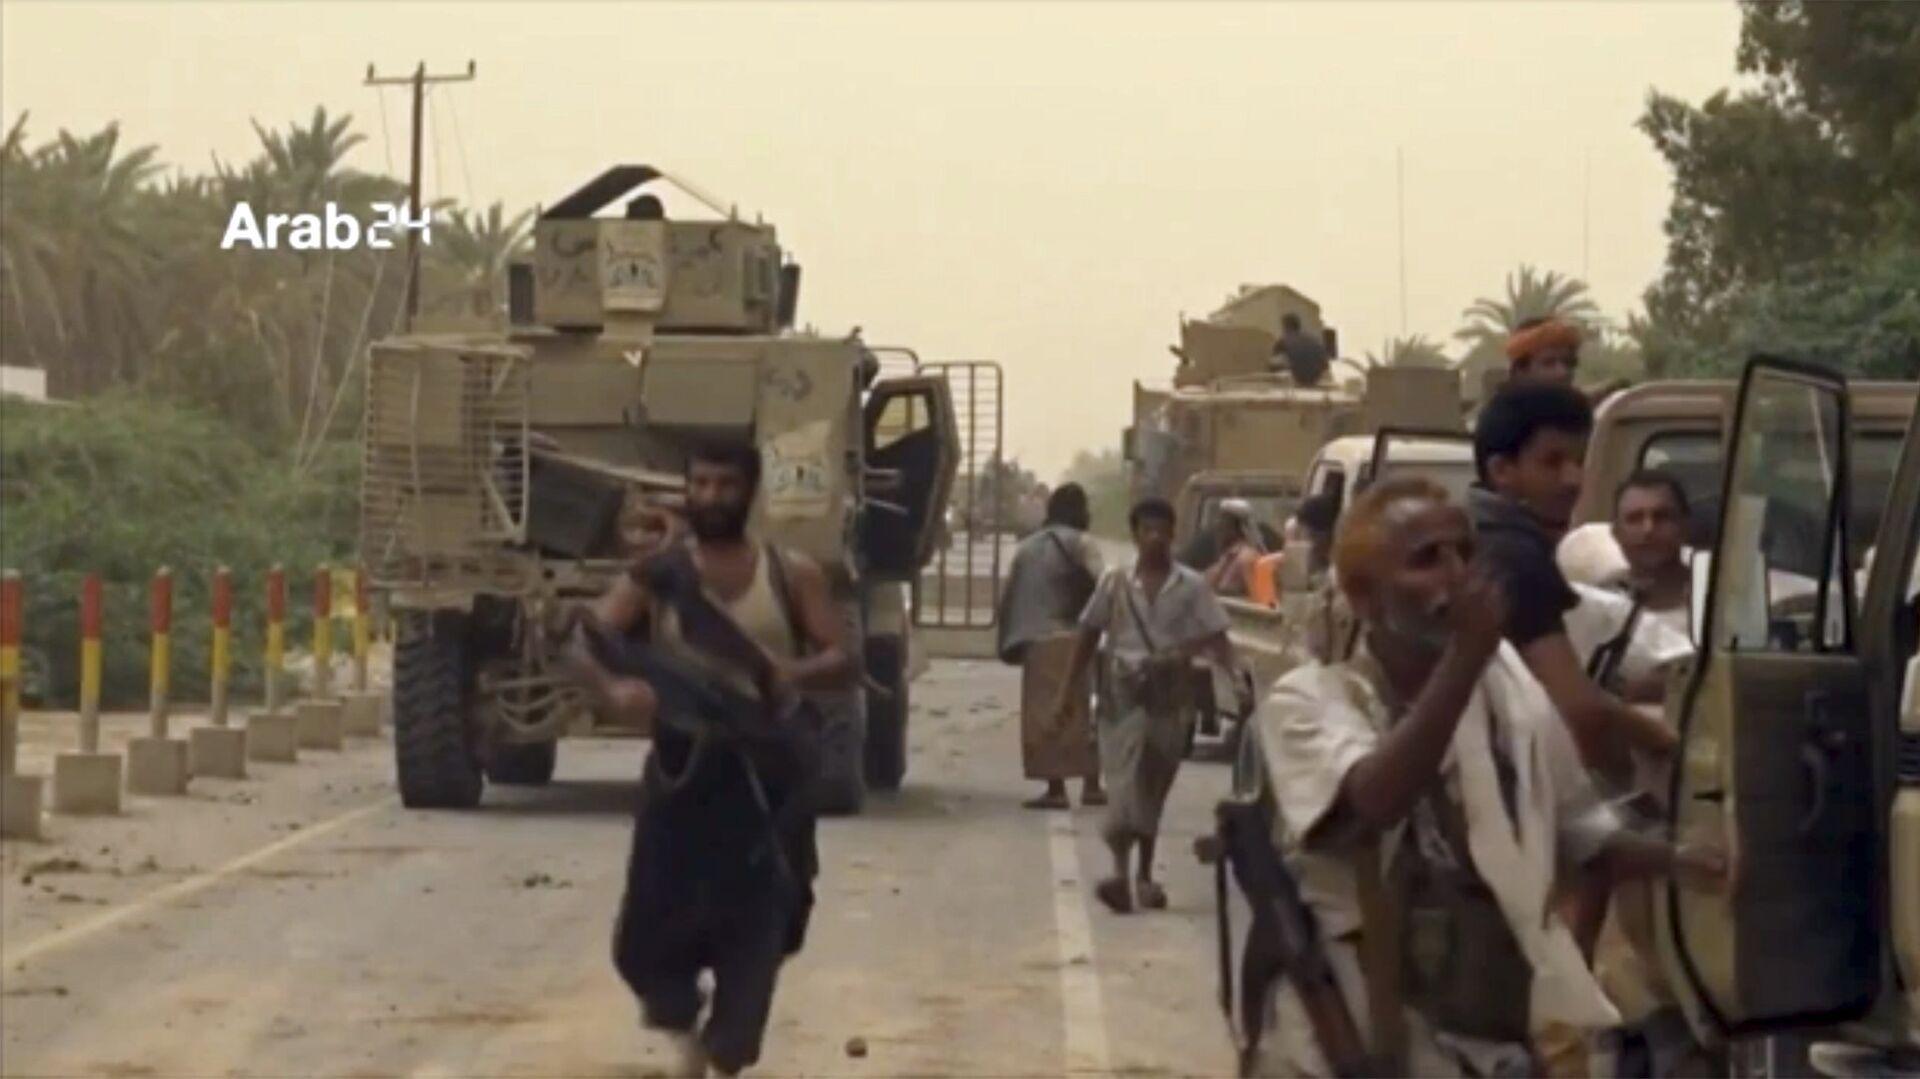 Военные силы Саудовской Аравии собираются для отбития международного аэропорта в Йемене, находящегося в городе Ходейда, у повстанцев-хуситов. 16 июня 2018  - РИА Новости, 1920, 29.03.2020